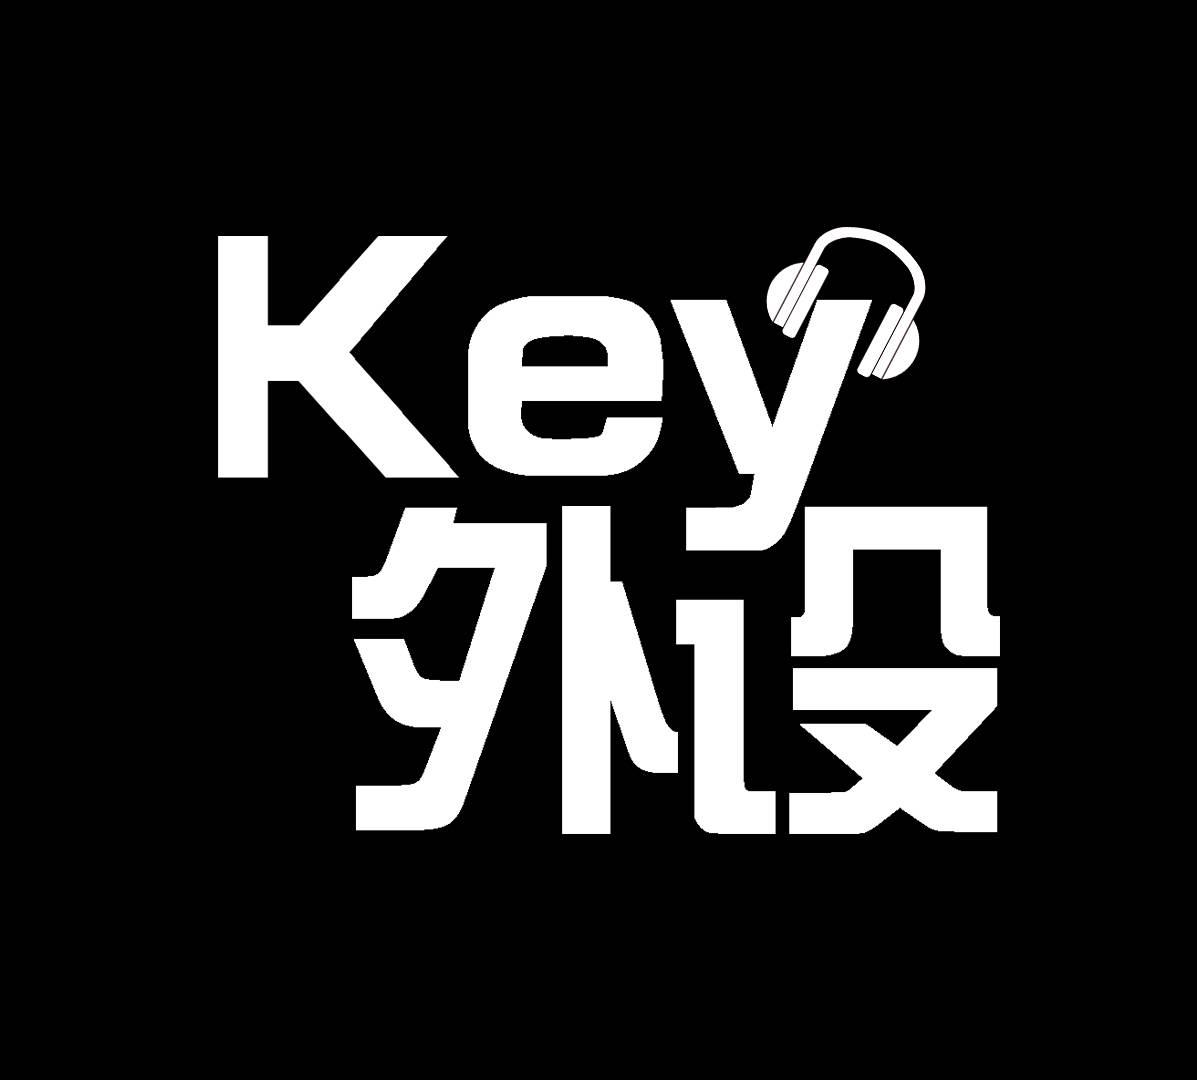 key外设